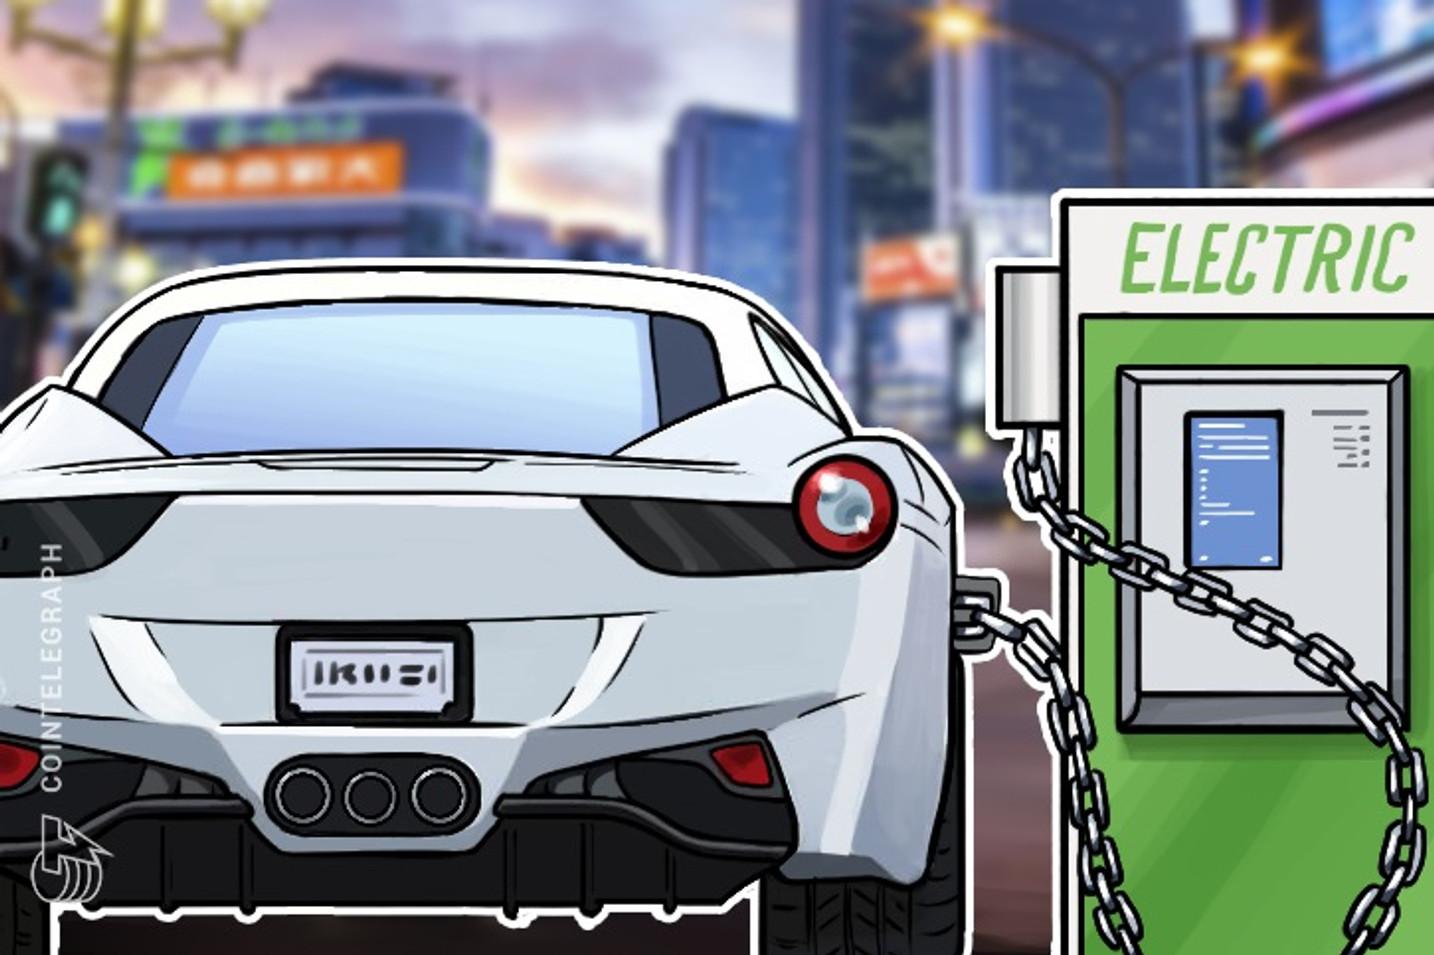 Empresa elétrica japonesa faz teste de pagamentos na Lightning Network do Bitcoin para carregar carros